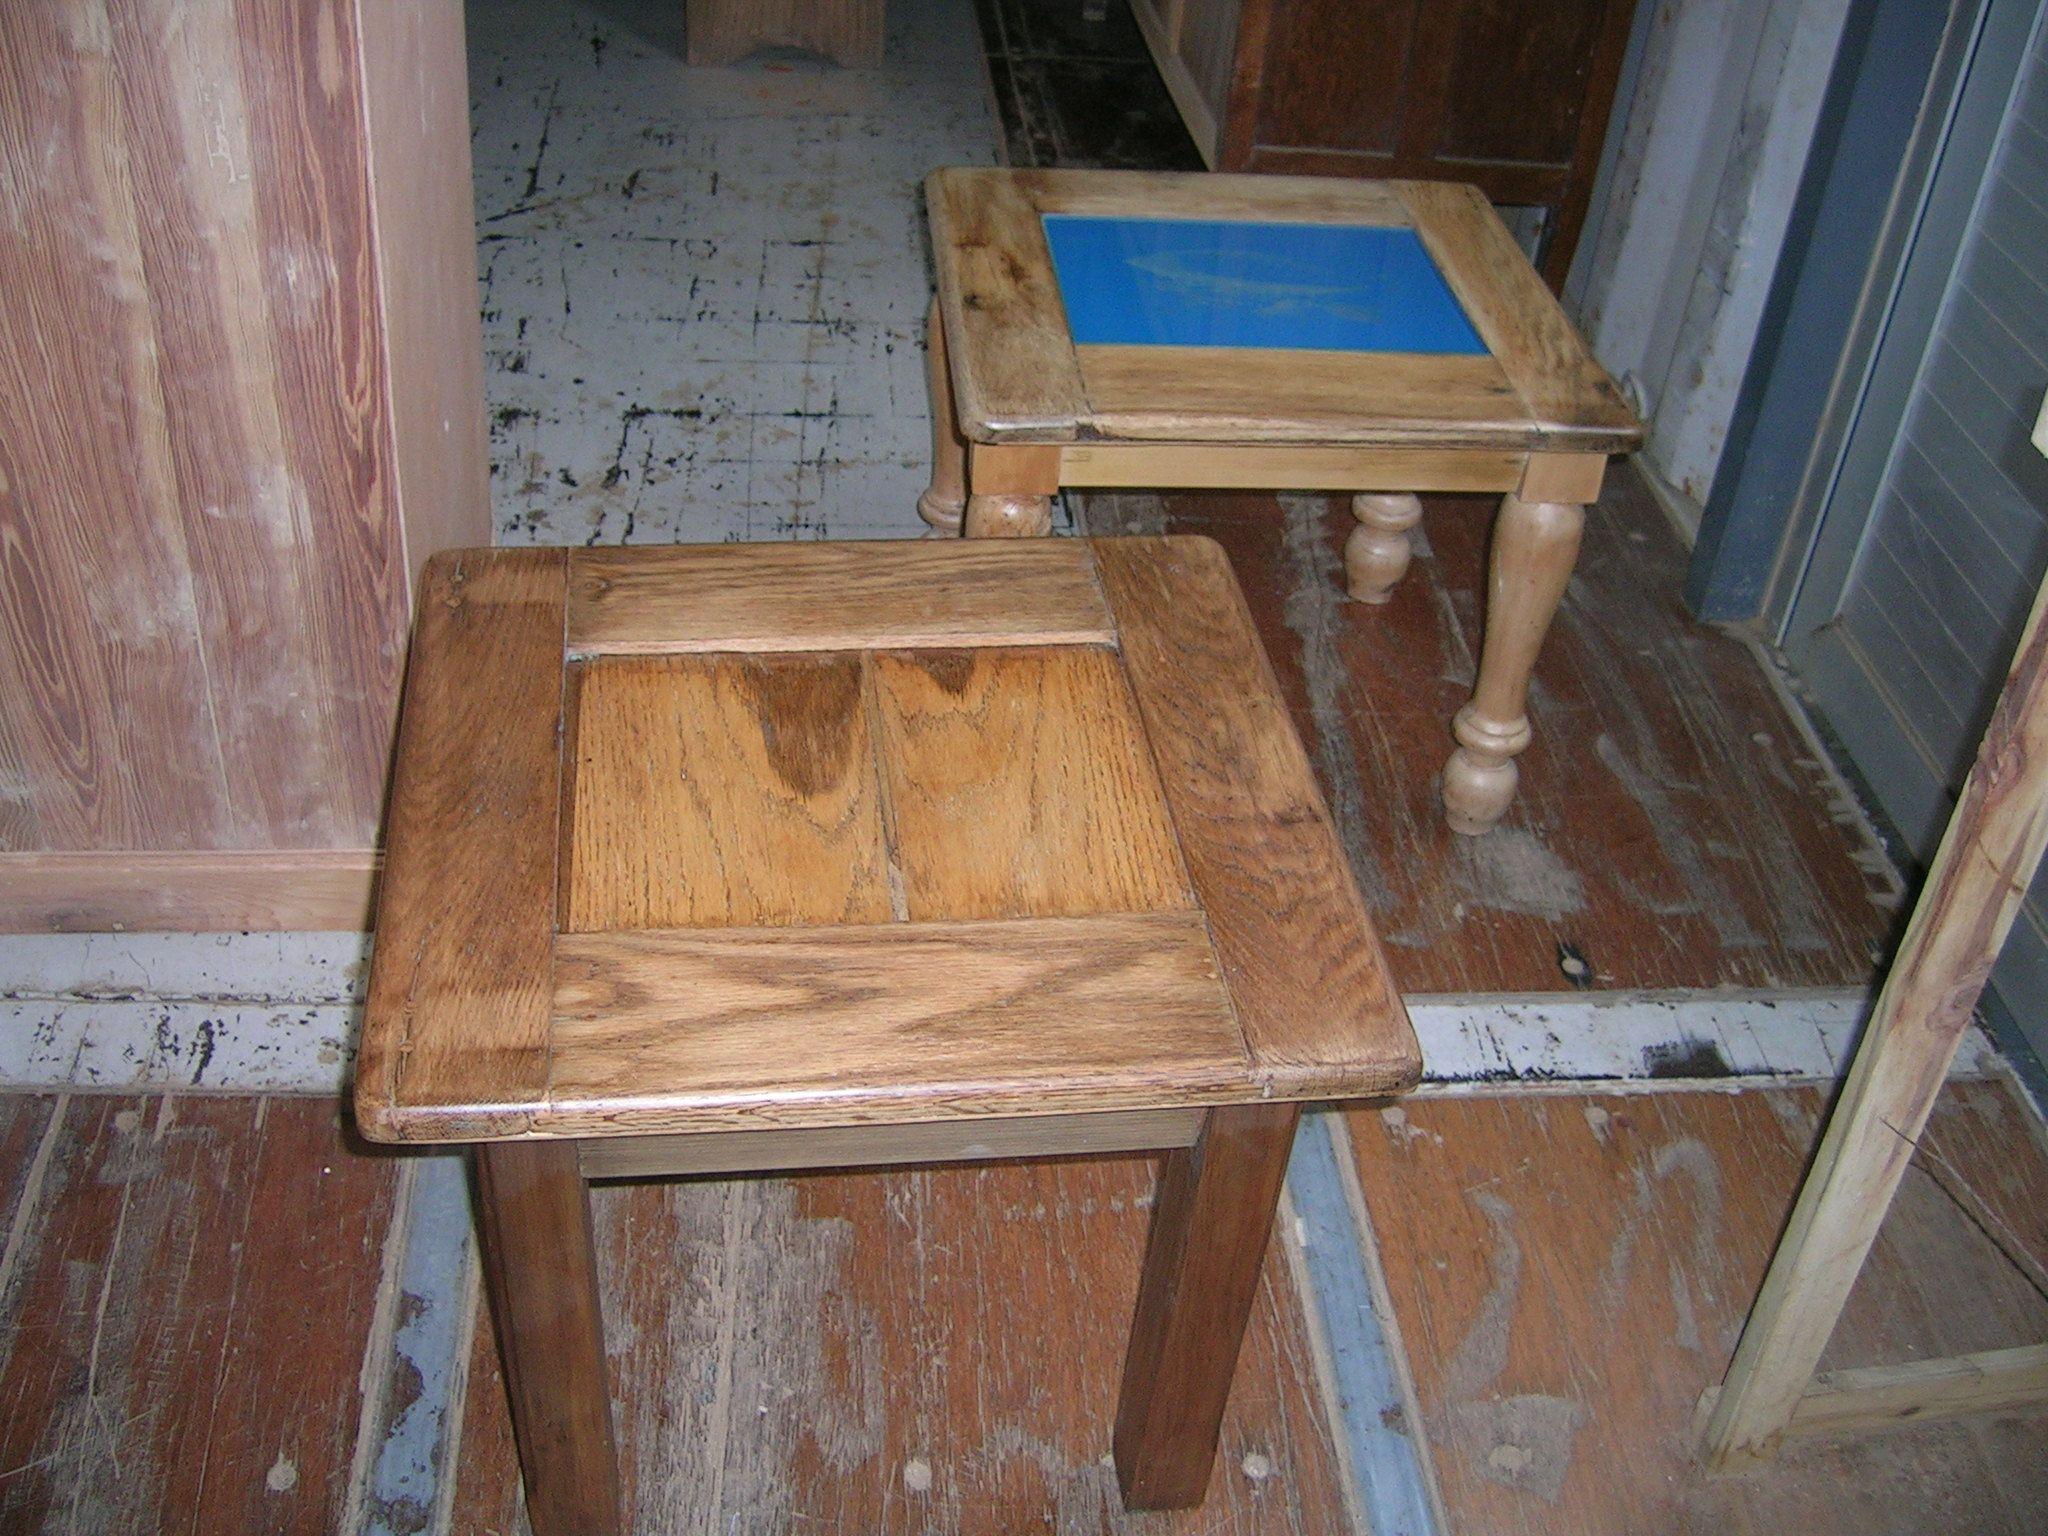 Mesa de Roble hecha reutilizando antiguas puertas de Heladeras Comerciales